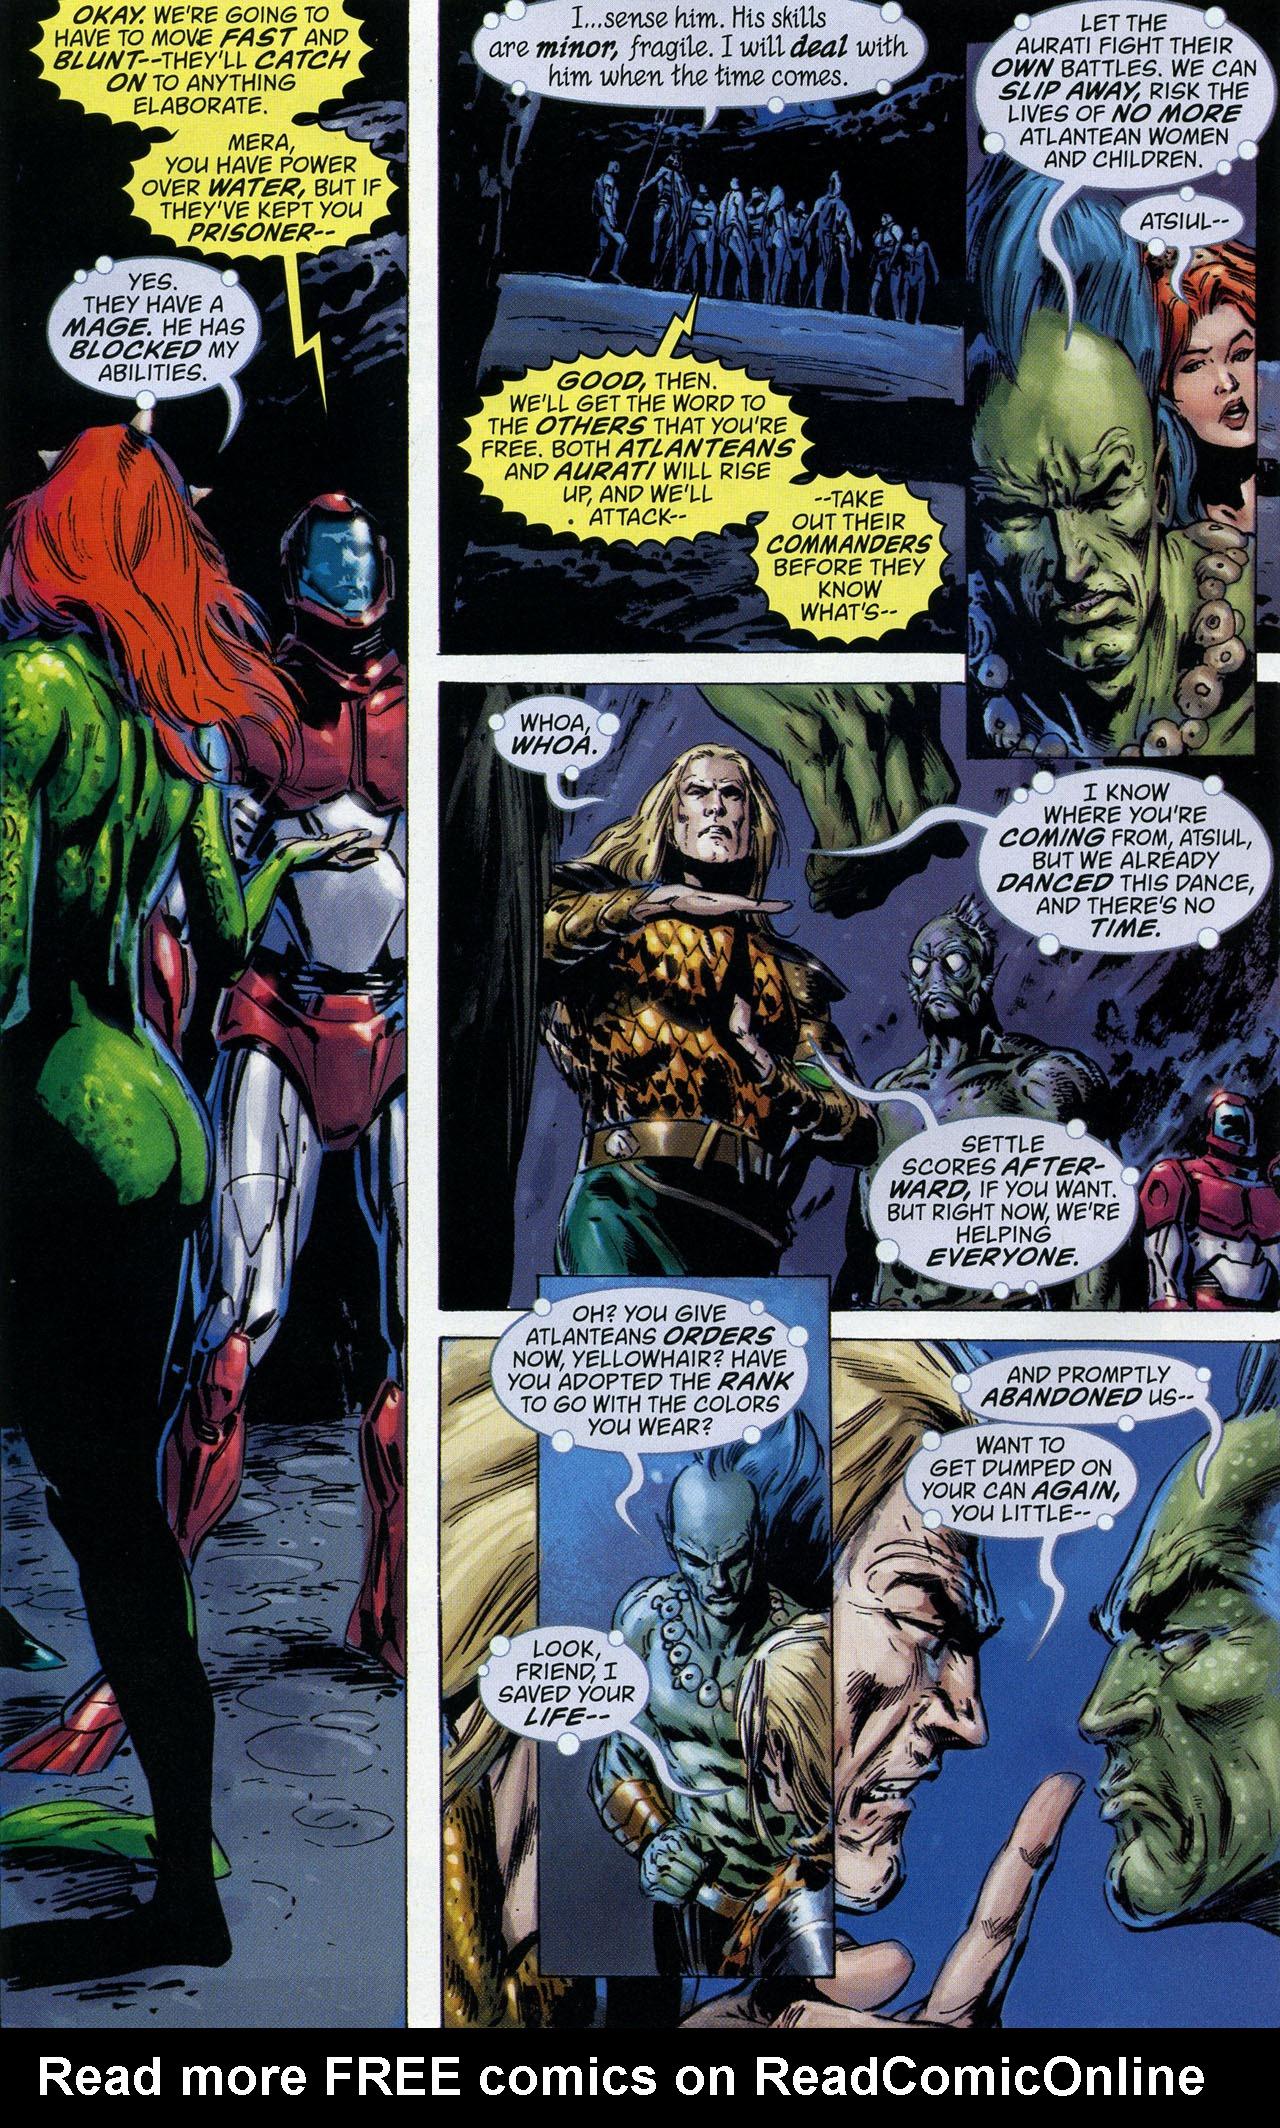 Read online Aquaman: Sword of Atlantis comic -  Issue #44 - 13